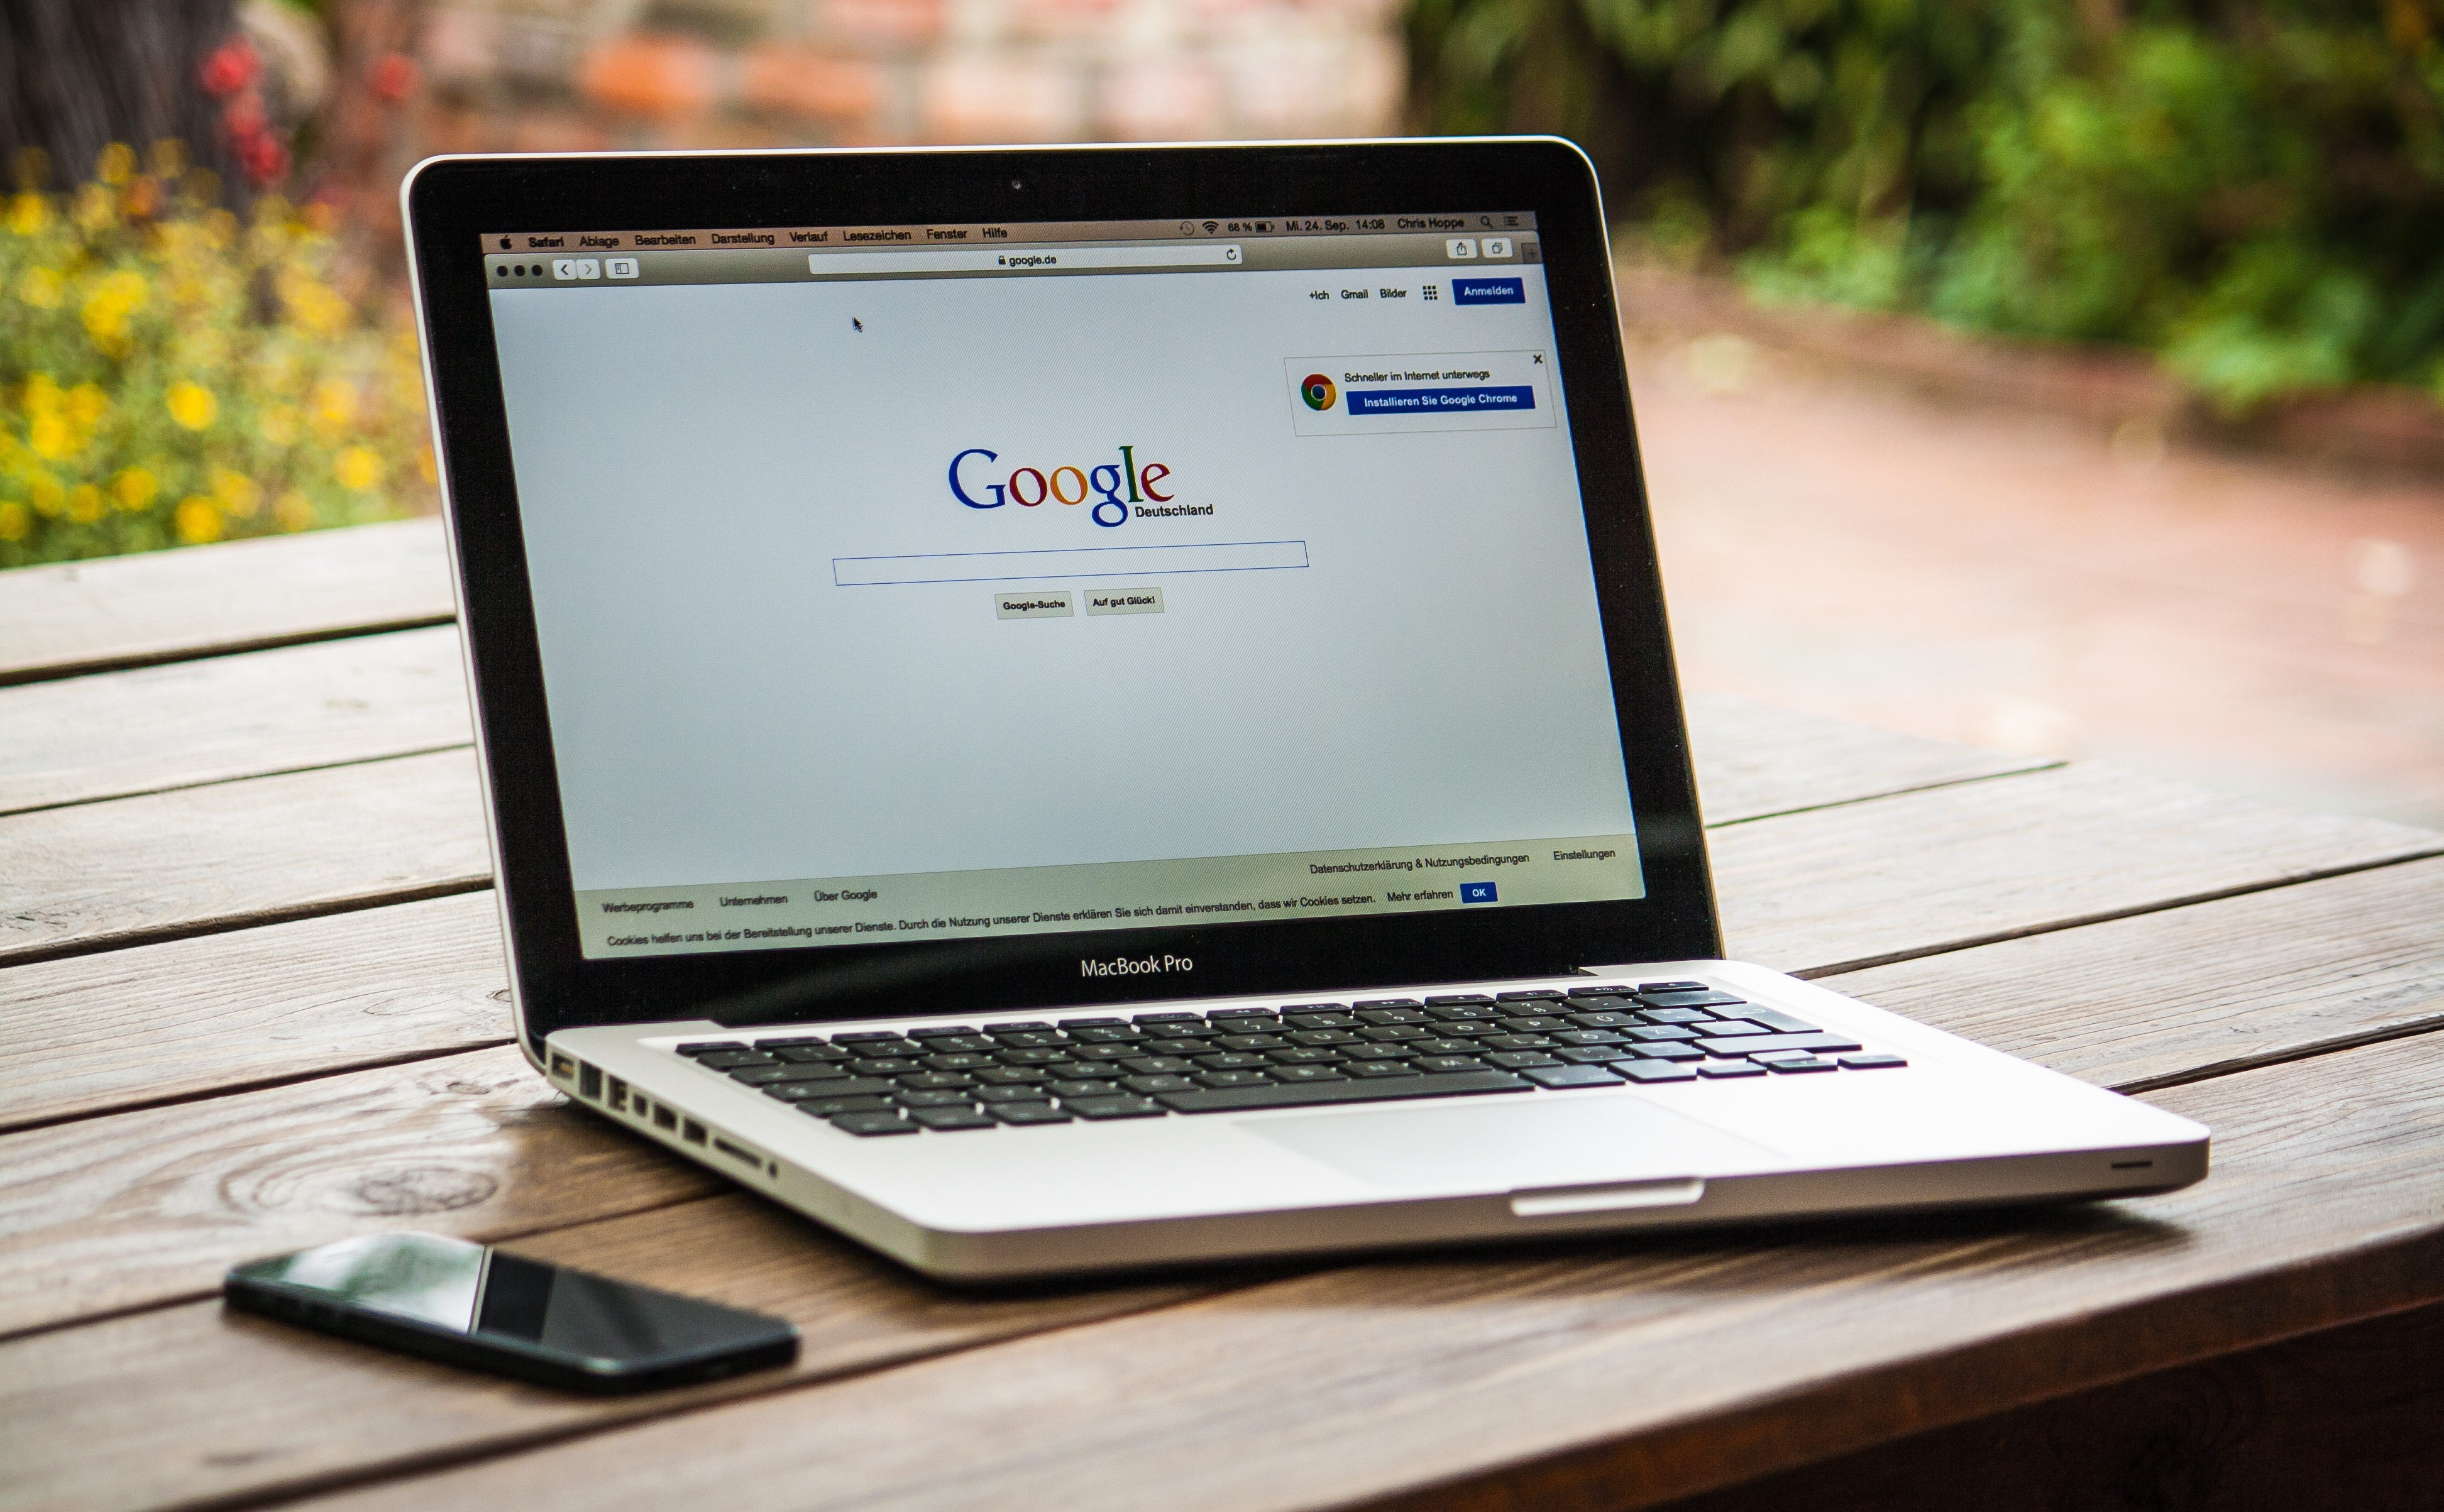 Čo ľudia hľadali na Google v roku 2017 najviac